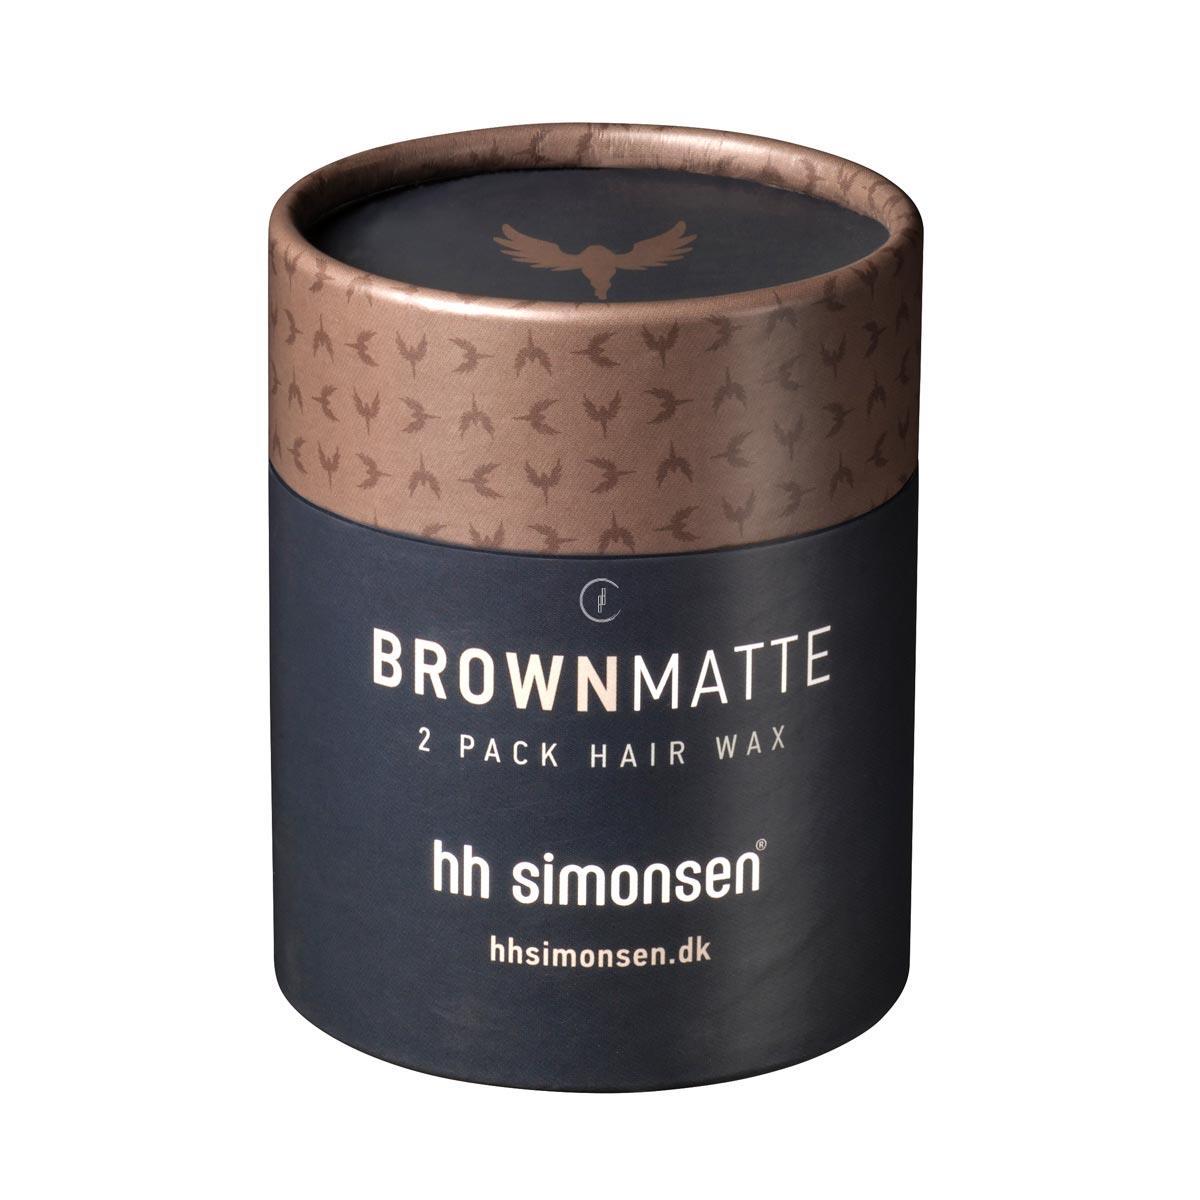 HH SIMONSEN Brown Matte Clay Wax - Wosk do stylizacji włosów o matowym wykończeniu